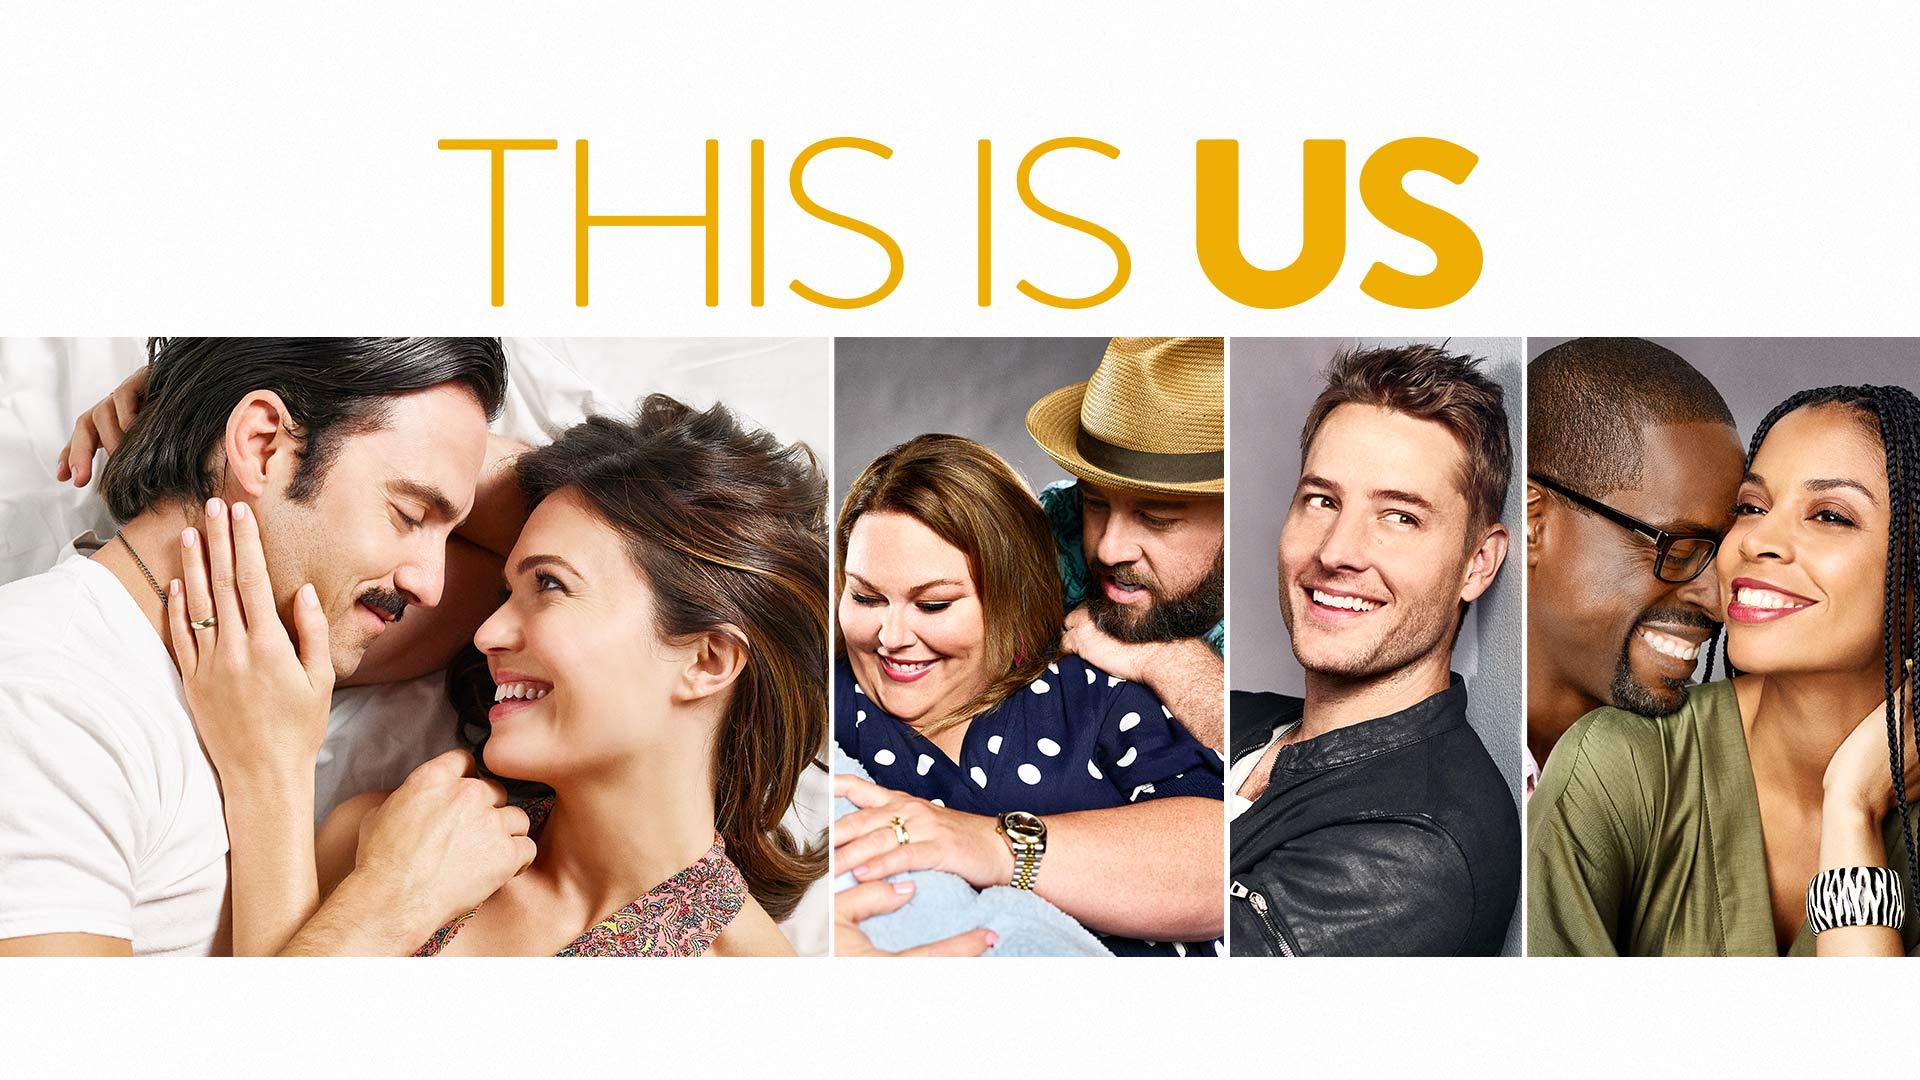 This Is Us - Disney+ Hotstar Premium